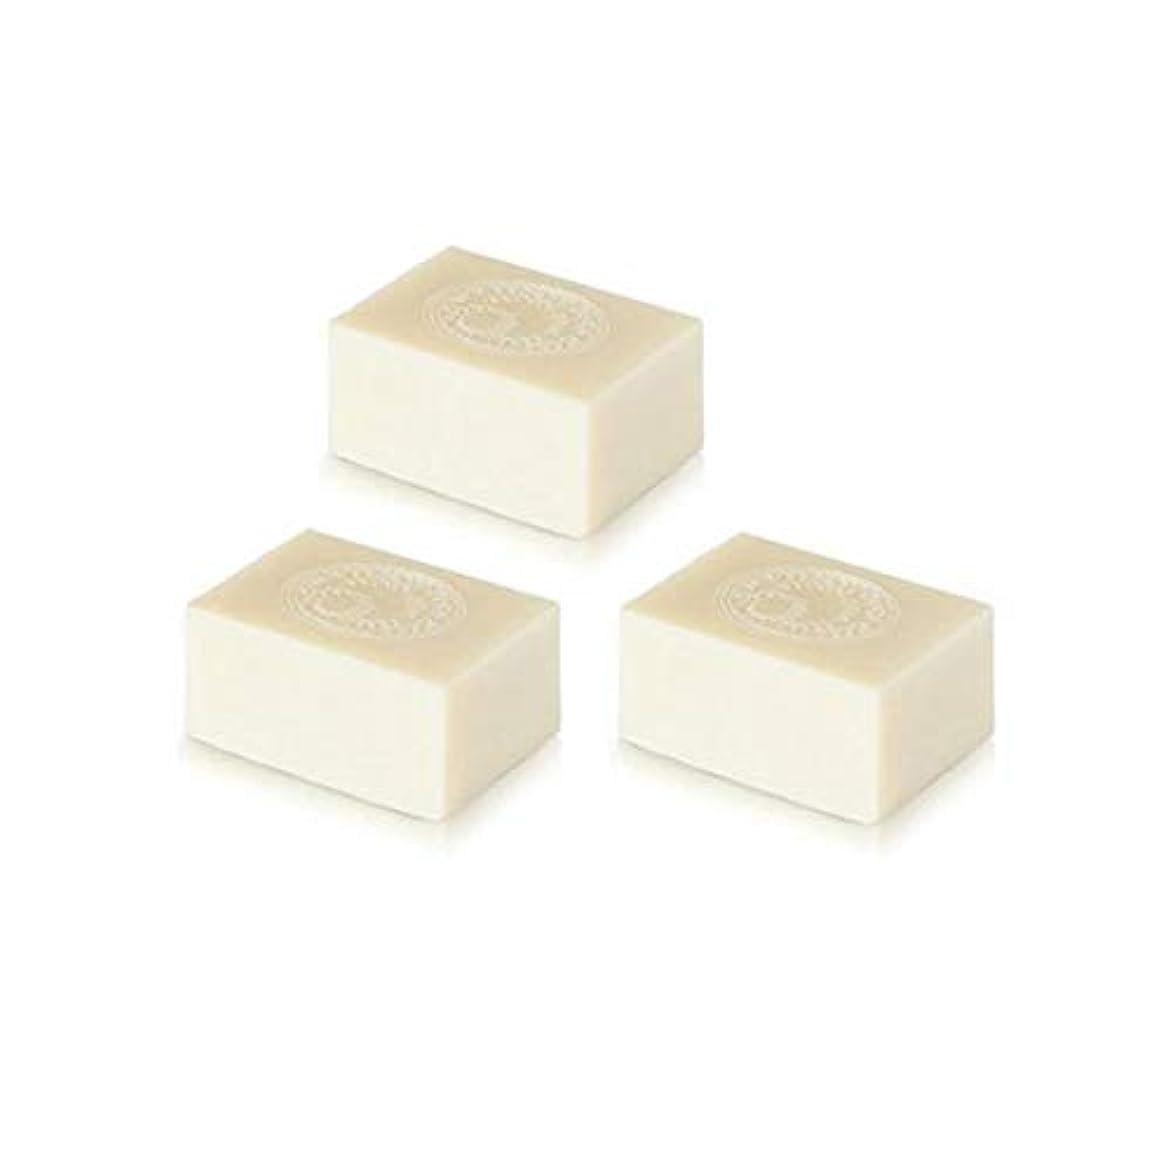 死マチュピチュ抑制アルガン石鹸3個セット( 145g ×3個) アルガンオイルの完全無添加石鹸